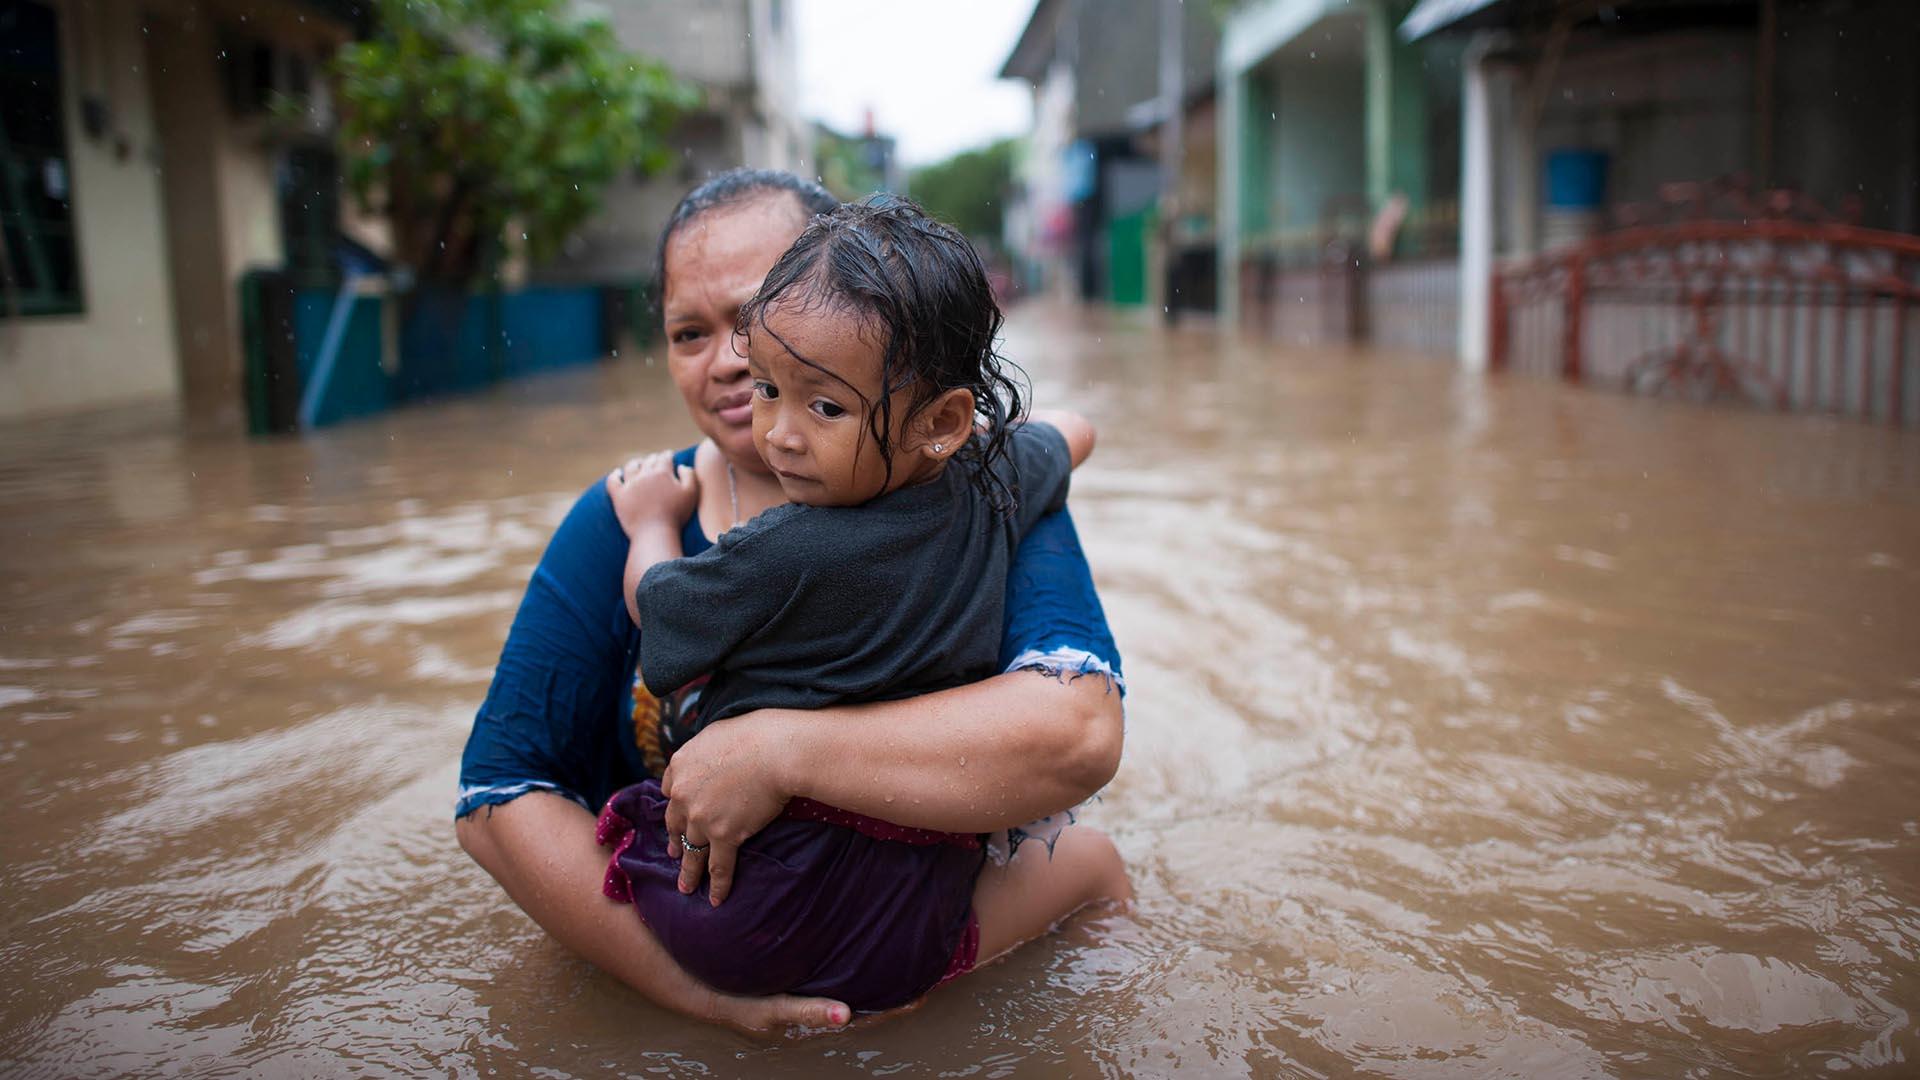 Klima und Gesundheit: Die Gefahr für Überschwemmungen mit katastrophalen Folgen nimmt zu